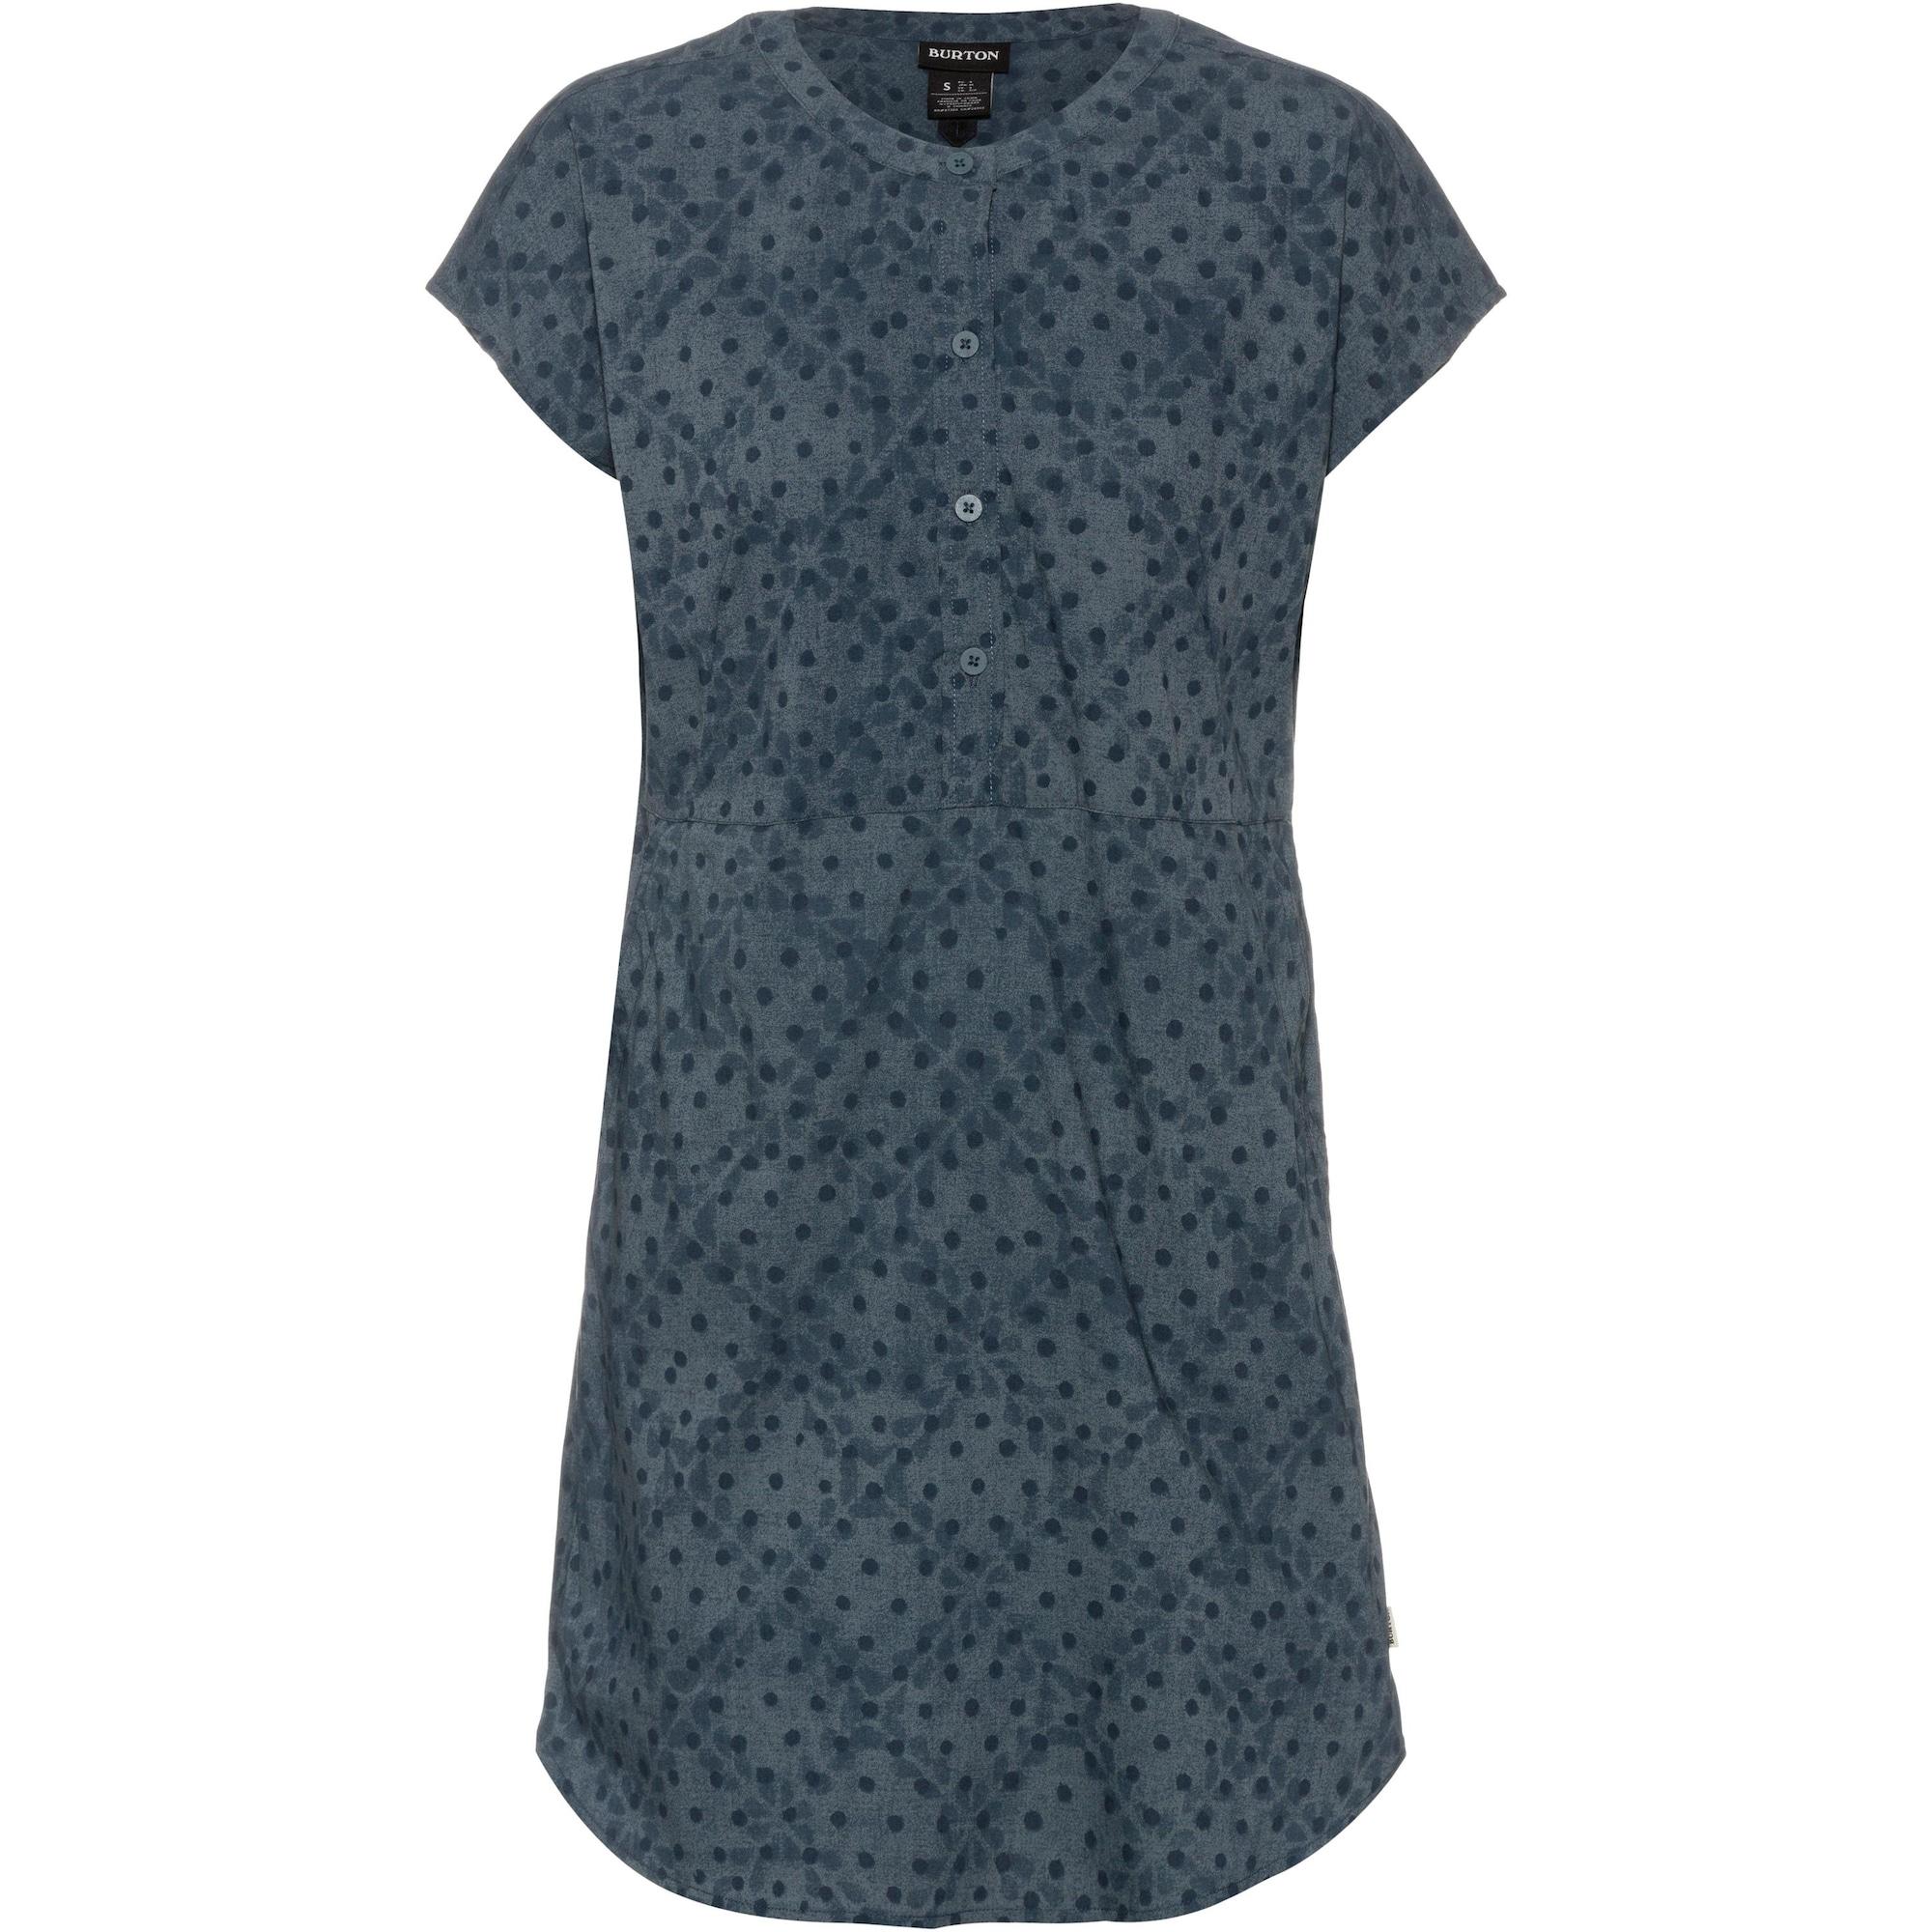 BURTON Palaidinės tipo suknelė 'Joy' mėlyna